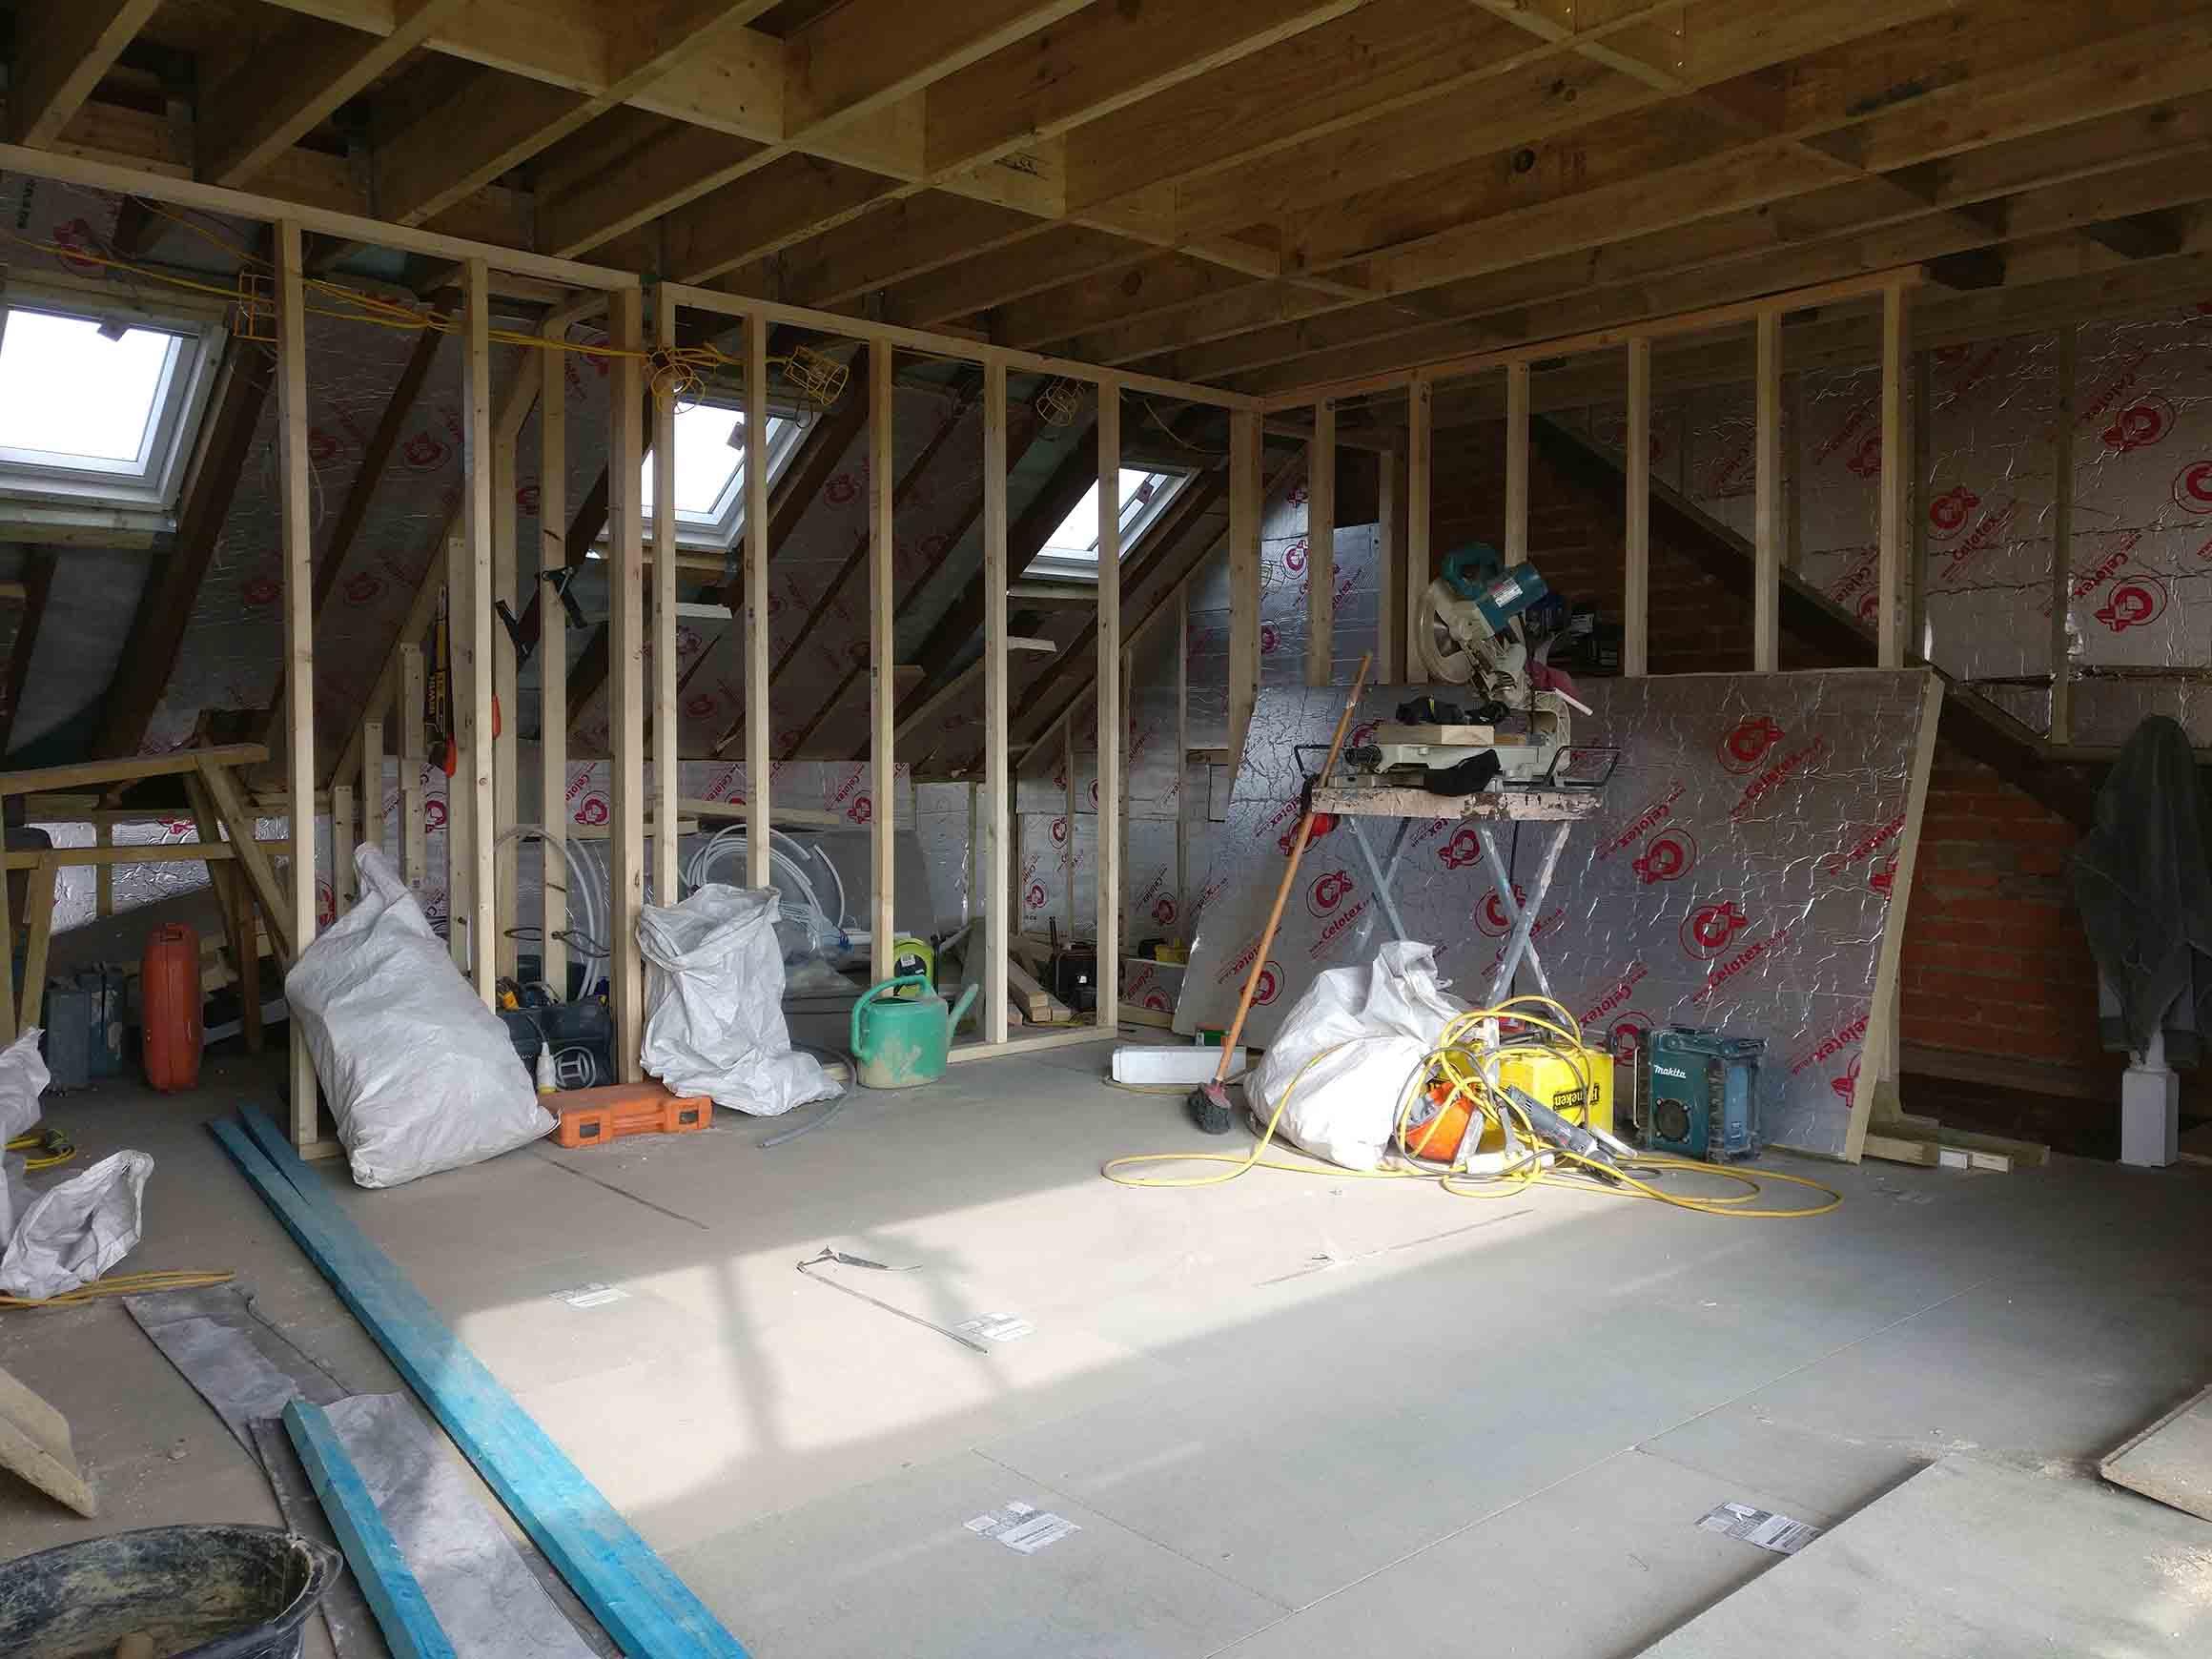 loft-under construction